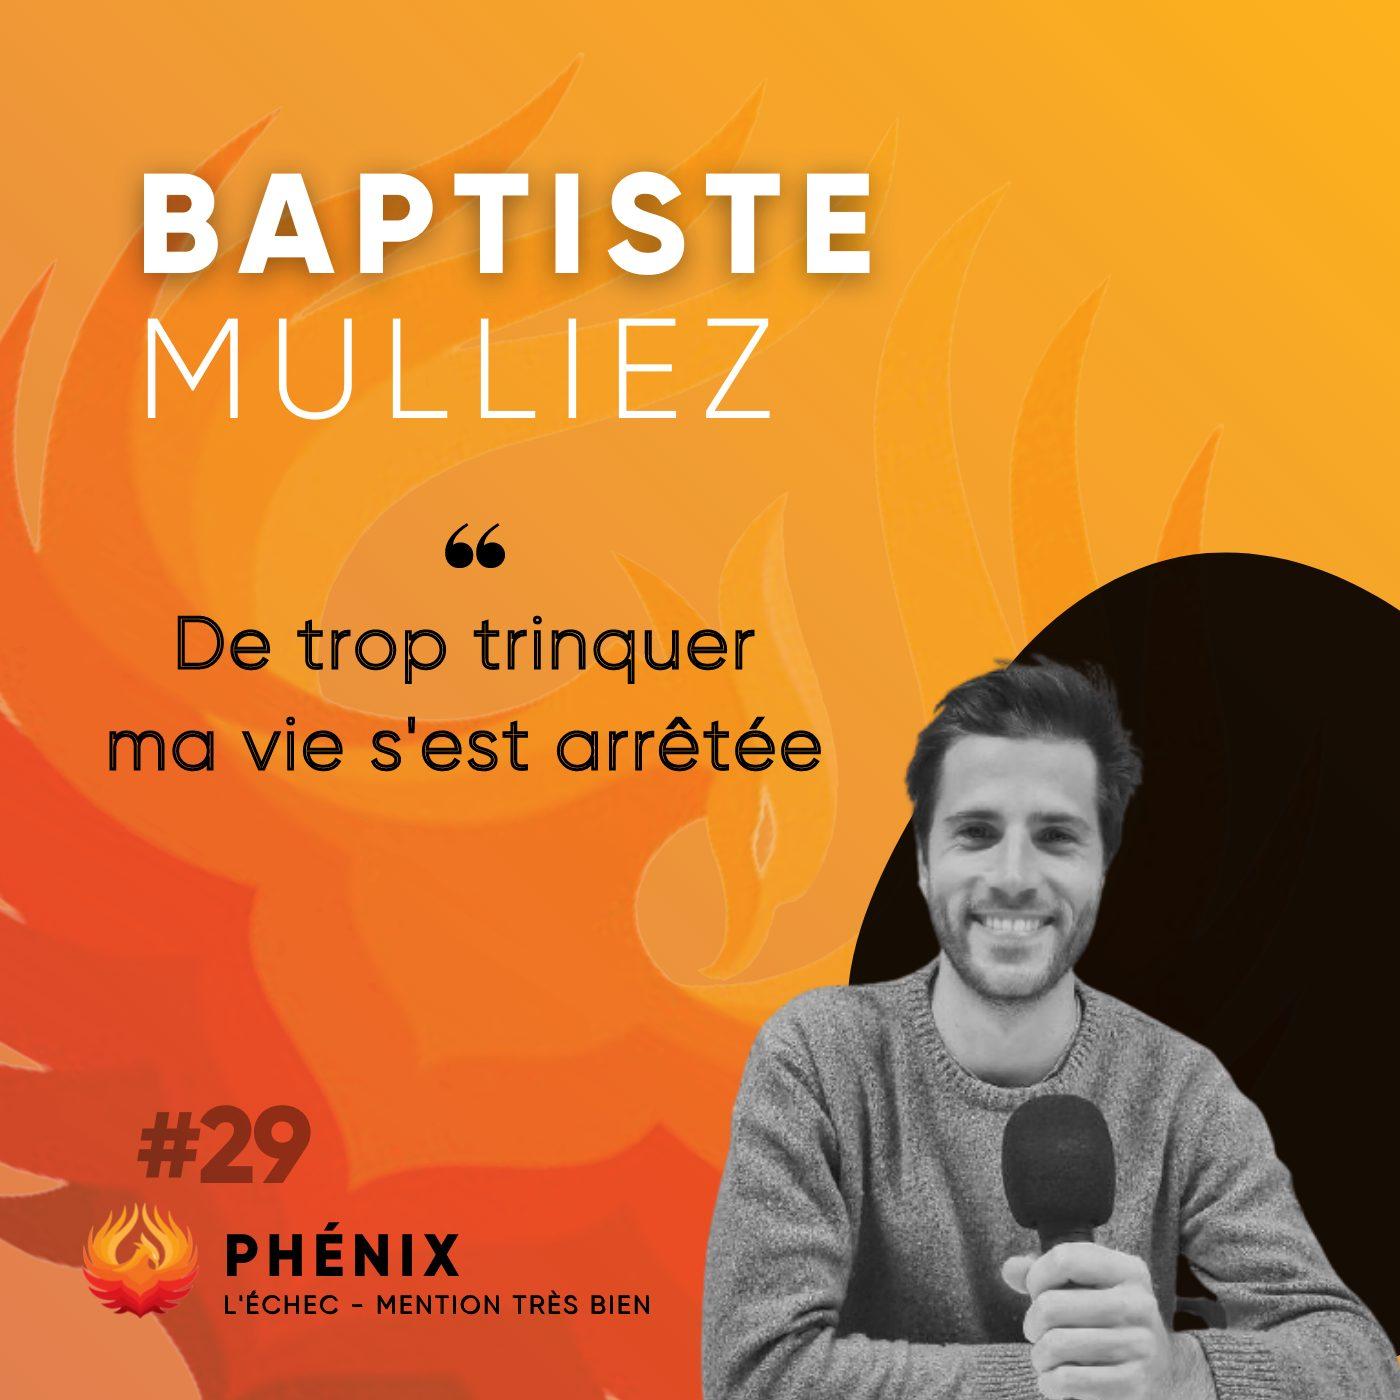 #29 🍻 - Baptiste Mulliez : D'avoir trop trinquer, ma vie s'est arrêtée